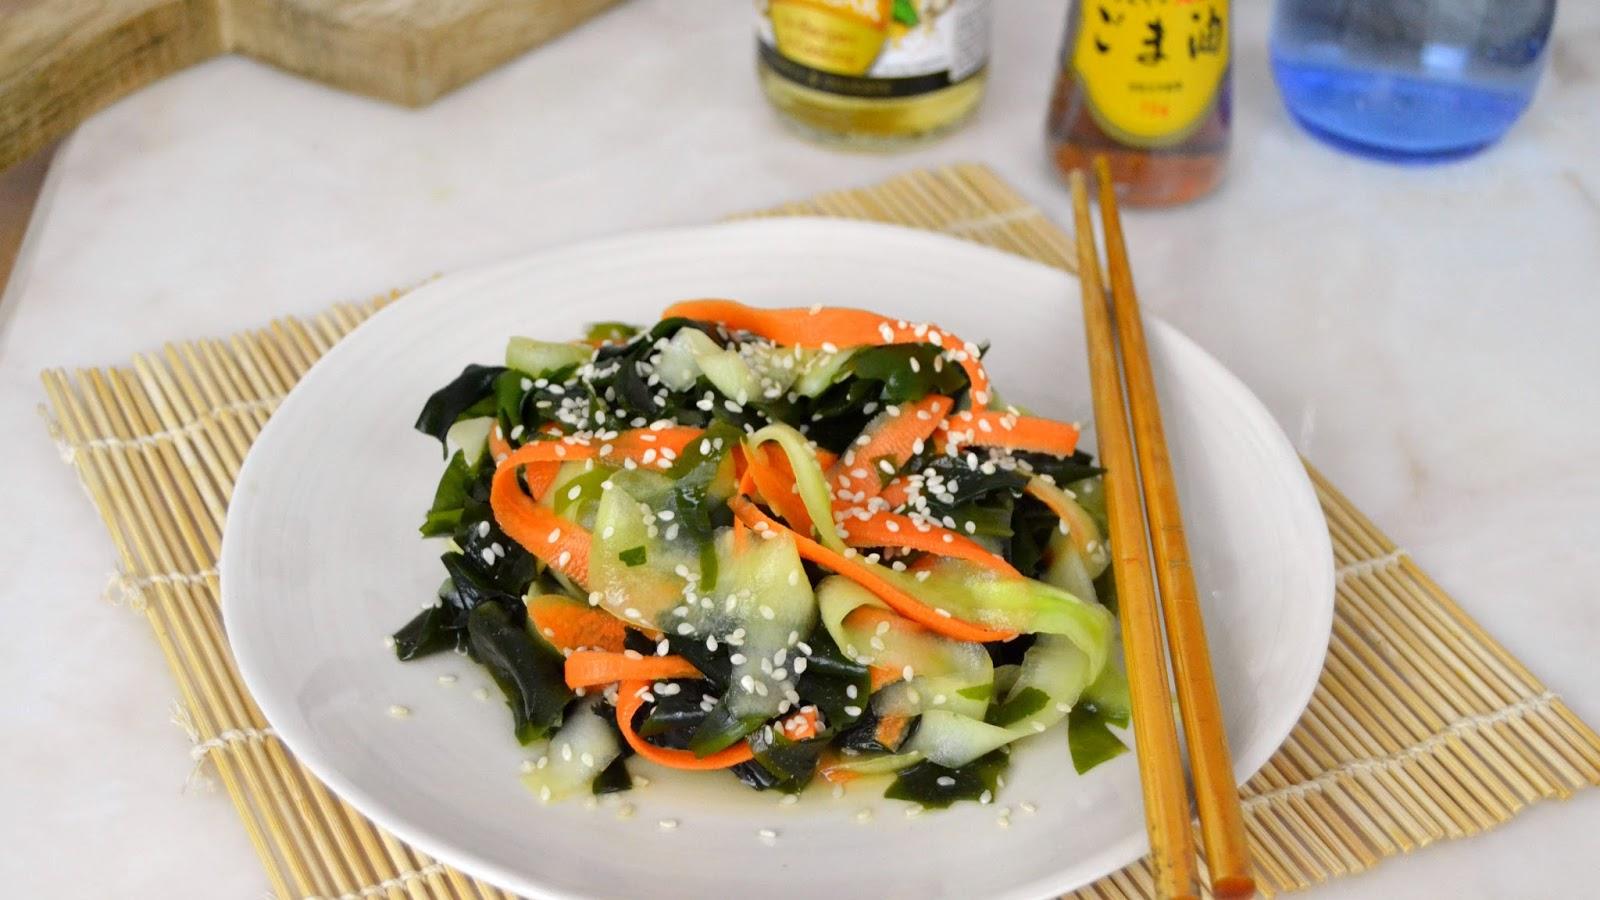 Recetas Cocina Japonesa   Ensalada De Pepino Y Algas Wakame Receta Japonesa Cuuking